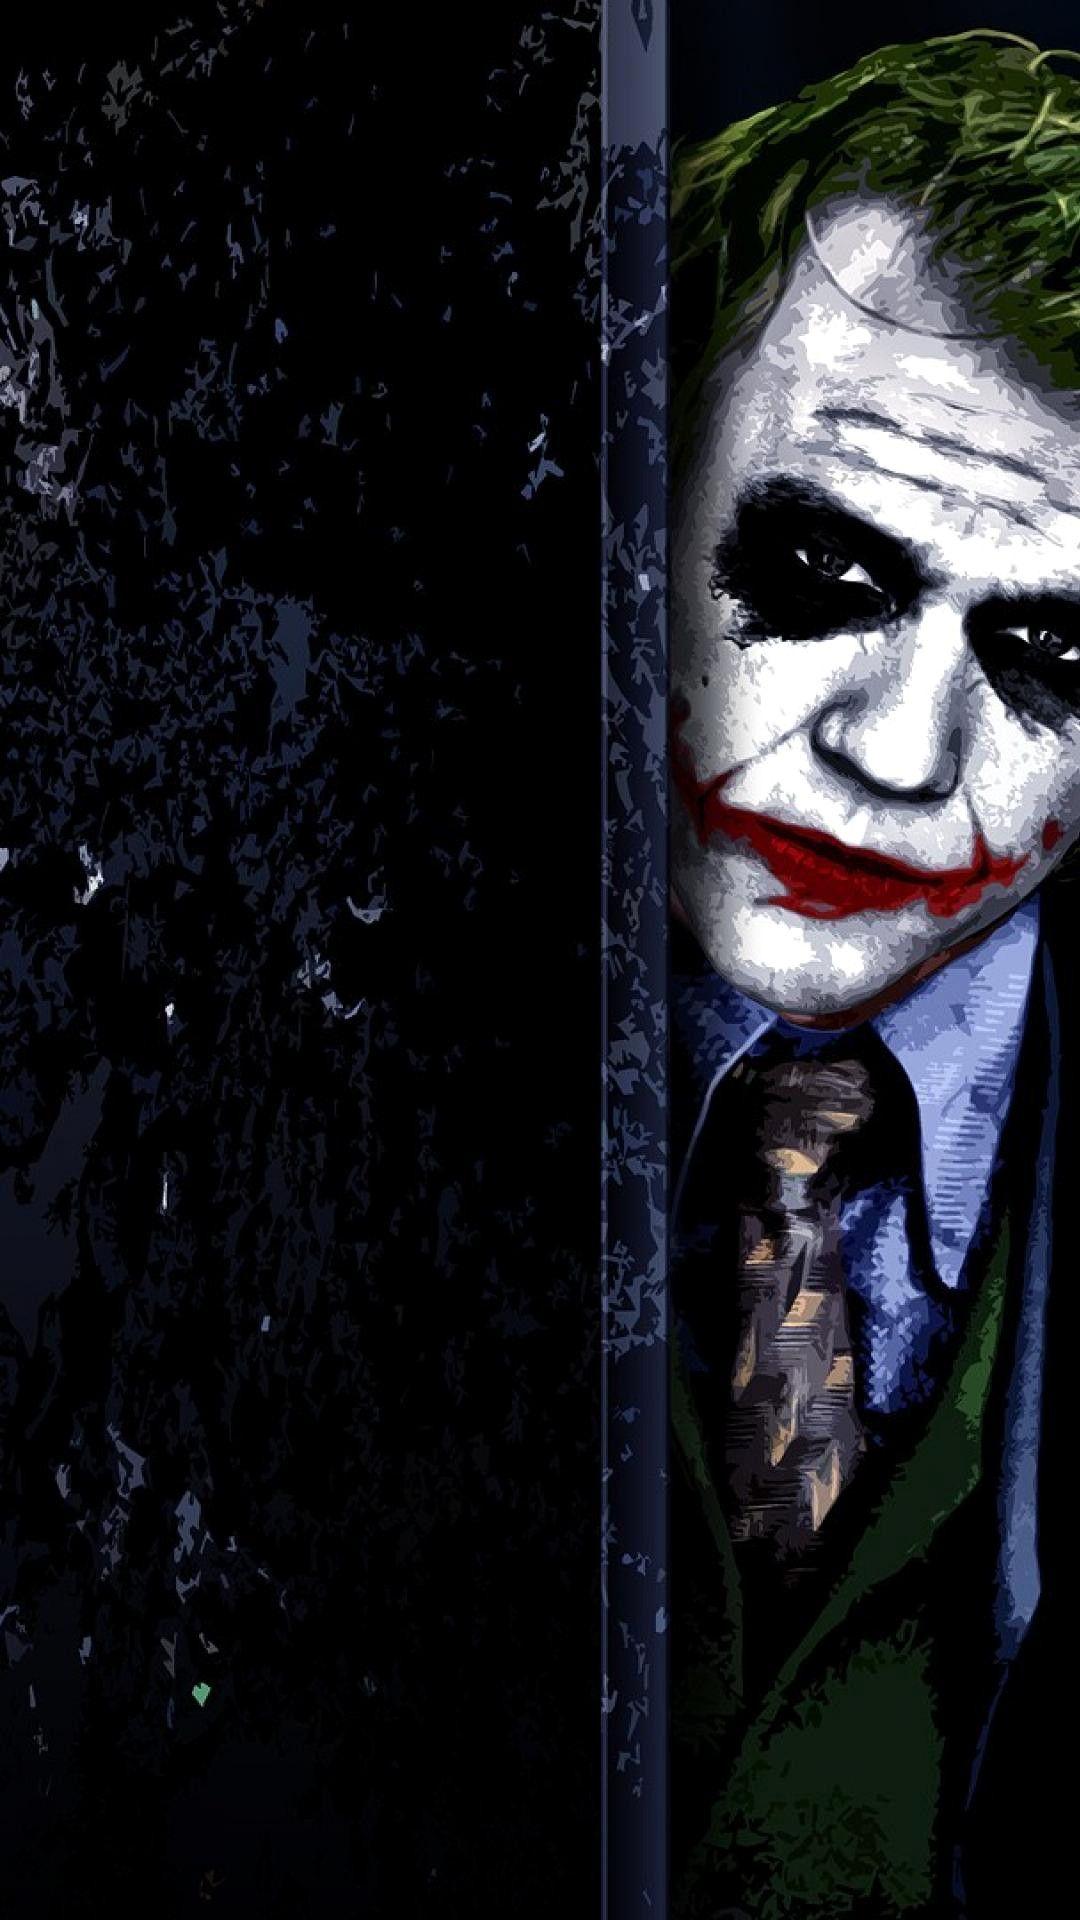 Best Batman Joker Wallpaper Batman Wallpaper Batman Joker Wallpaper Batman Wallpaper Iphone